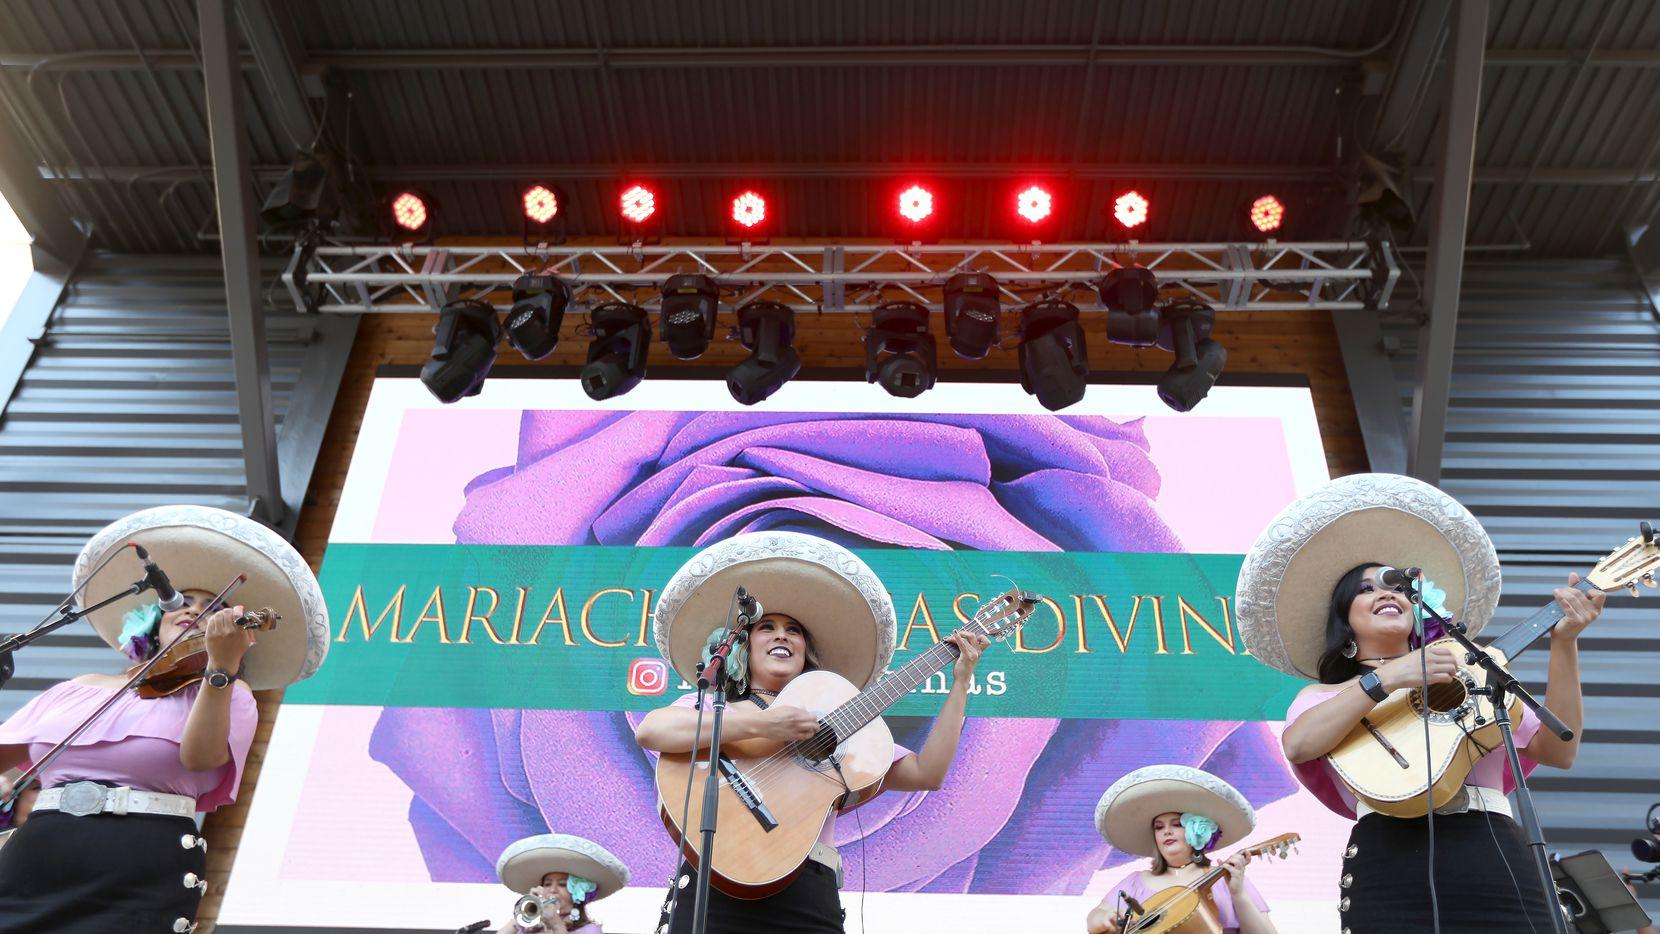 El Mariachi Rosas Divinas se presentó el miércoles en Legacy Hall, en Plano. Luego de un año casi sin poder actuar esperan retomar uno de sus máximos eventos: el Día de las Madres.